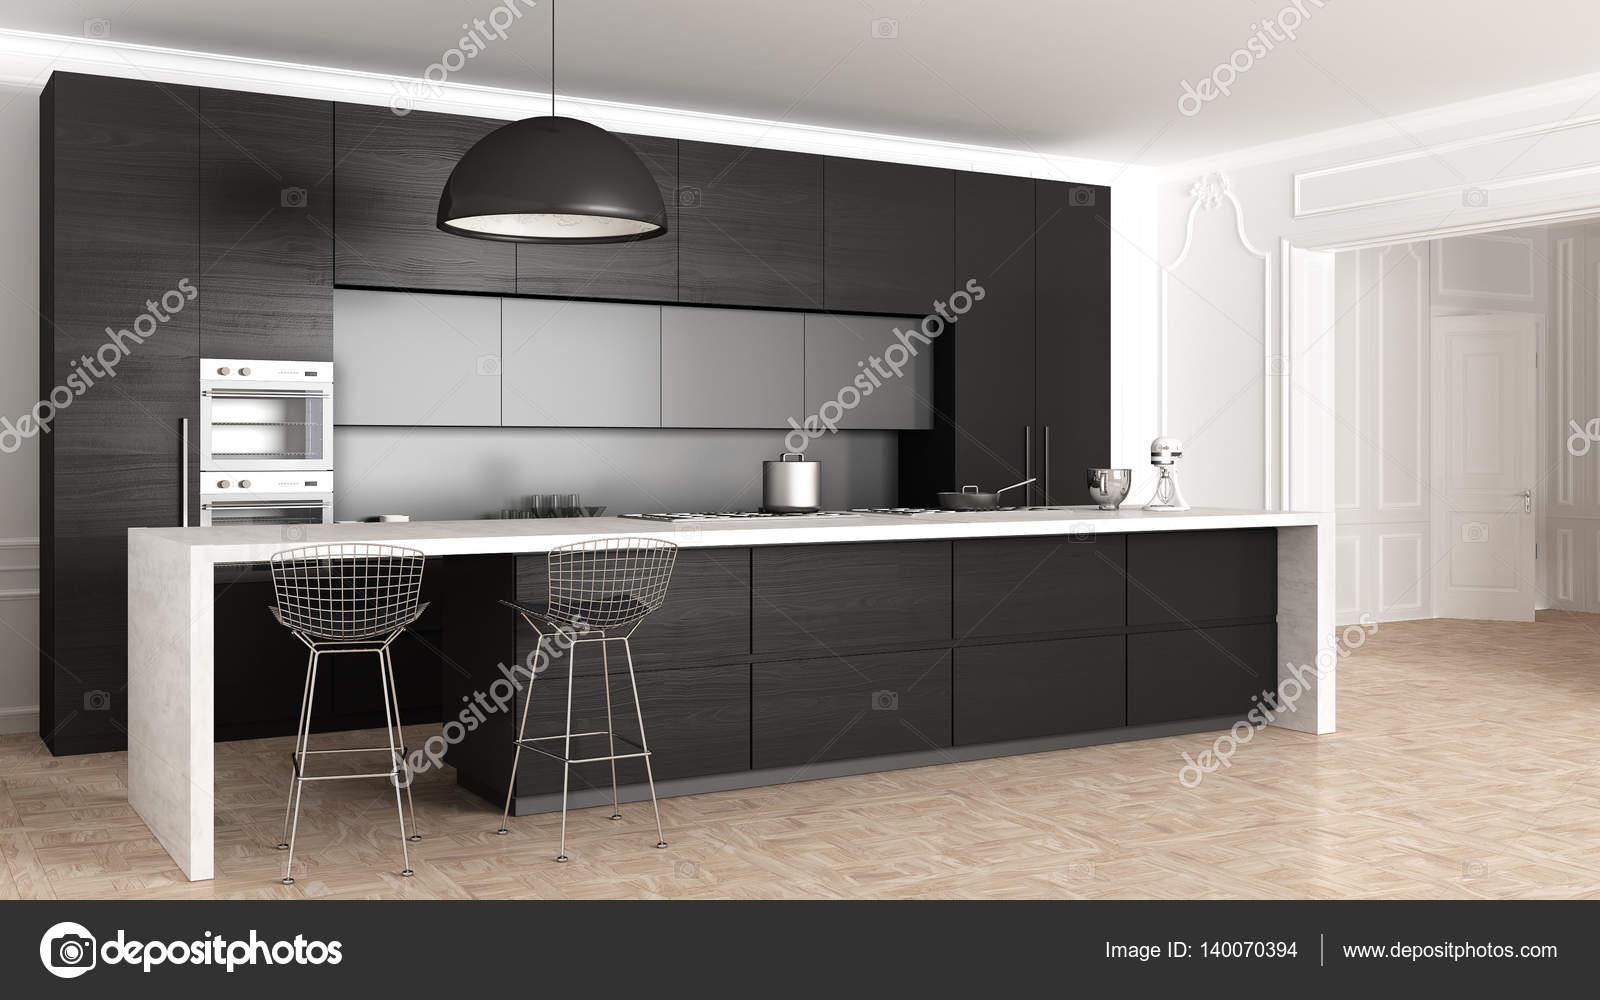 Cucine classiche, arredamento minimalista — Foto Stock ...